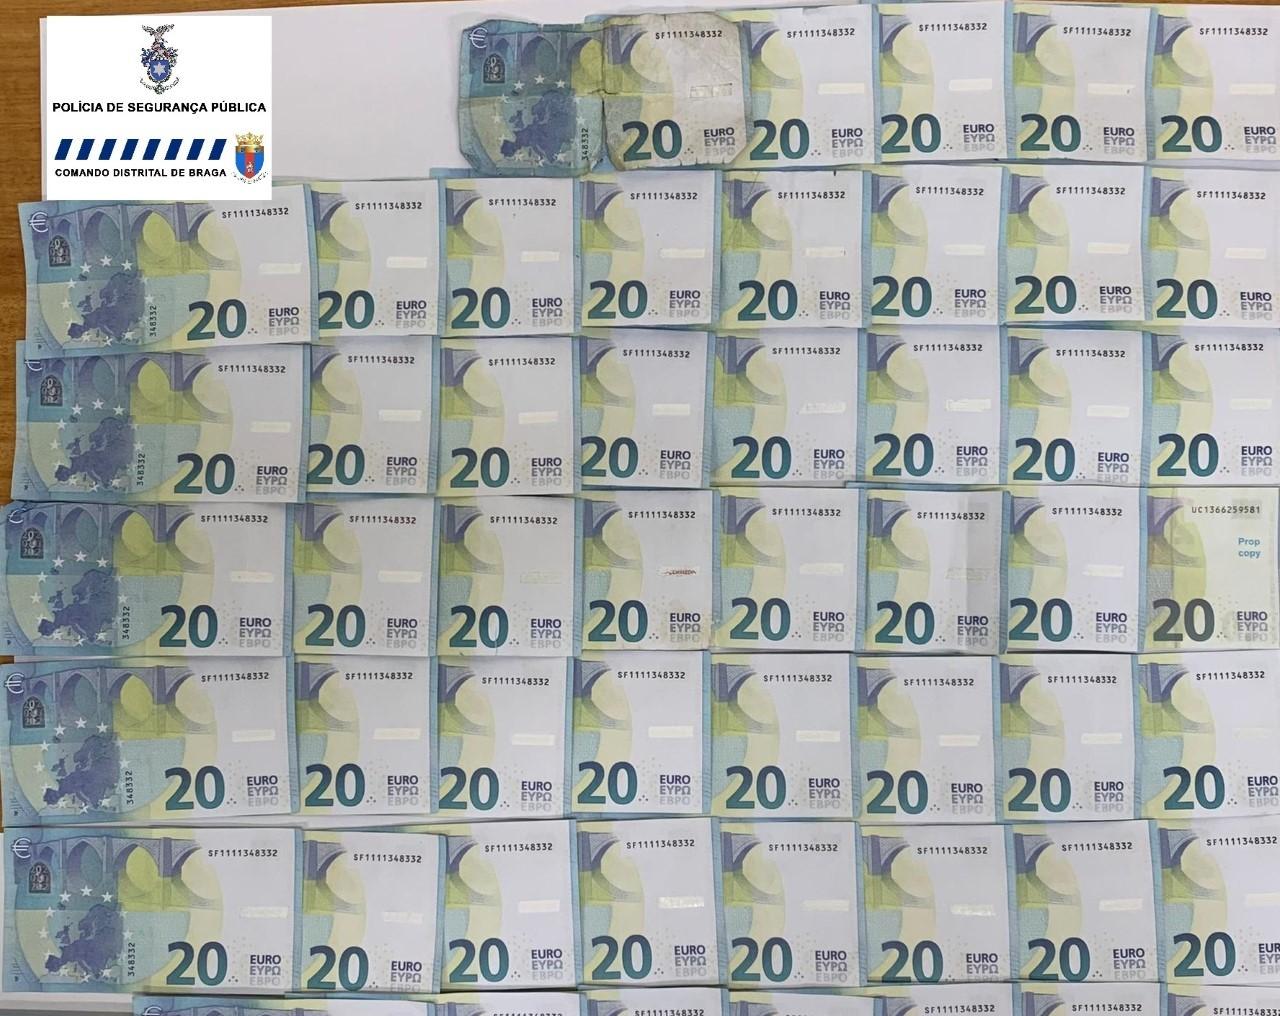 PJ/Braga investiga origem das 52 notas falsas apreendidas pela PSP